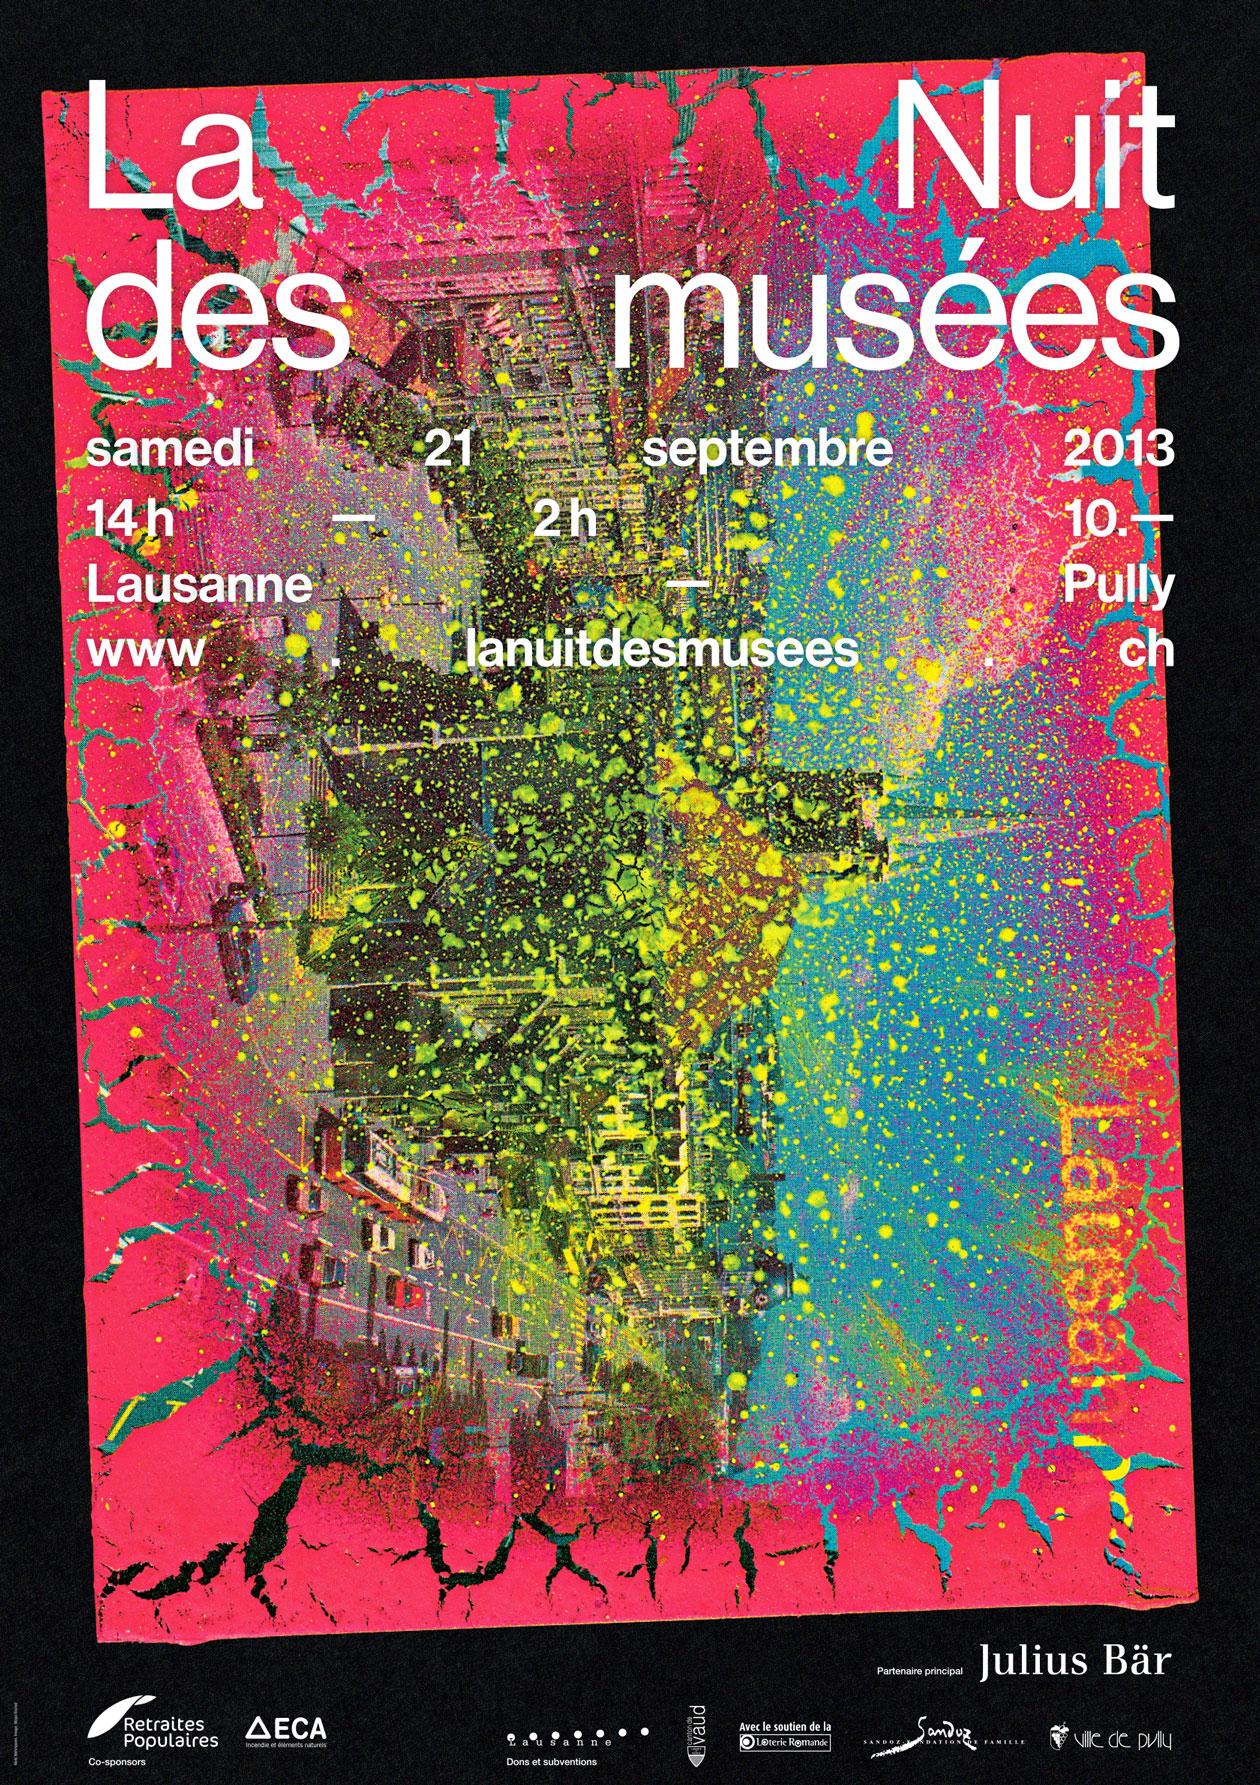 L'une des affiches de la Nuit des musées. Une série de cartes postales de la région personnalisées à l'aide de diverses techniques en collaboration avec l'artiste/photographe Maya Rochat, se répartissent sur les différents supports de communication.